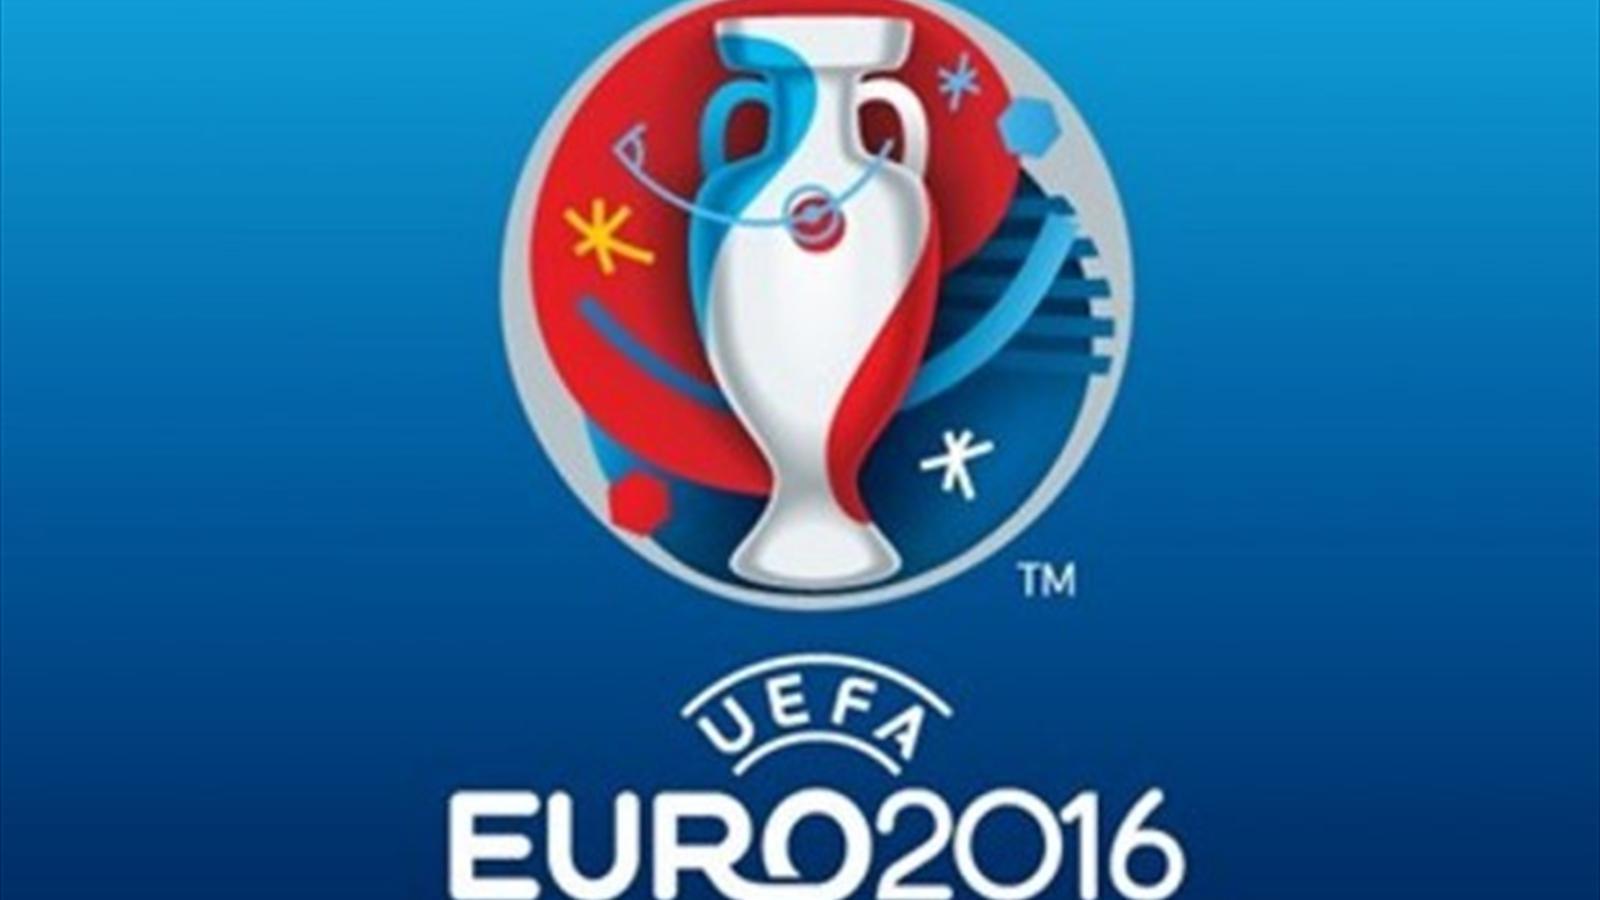 сборная Англии, сборная Уэльса, сборная Швейцарии, сборная Словакии, сборная Румынии, сборная Албании, сборная Германии, сборная России, сборная Франции, Евро-2016